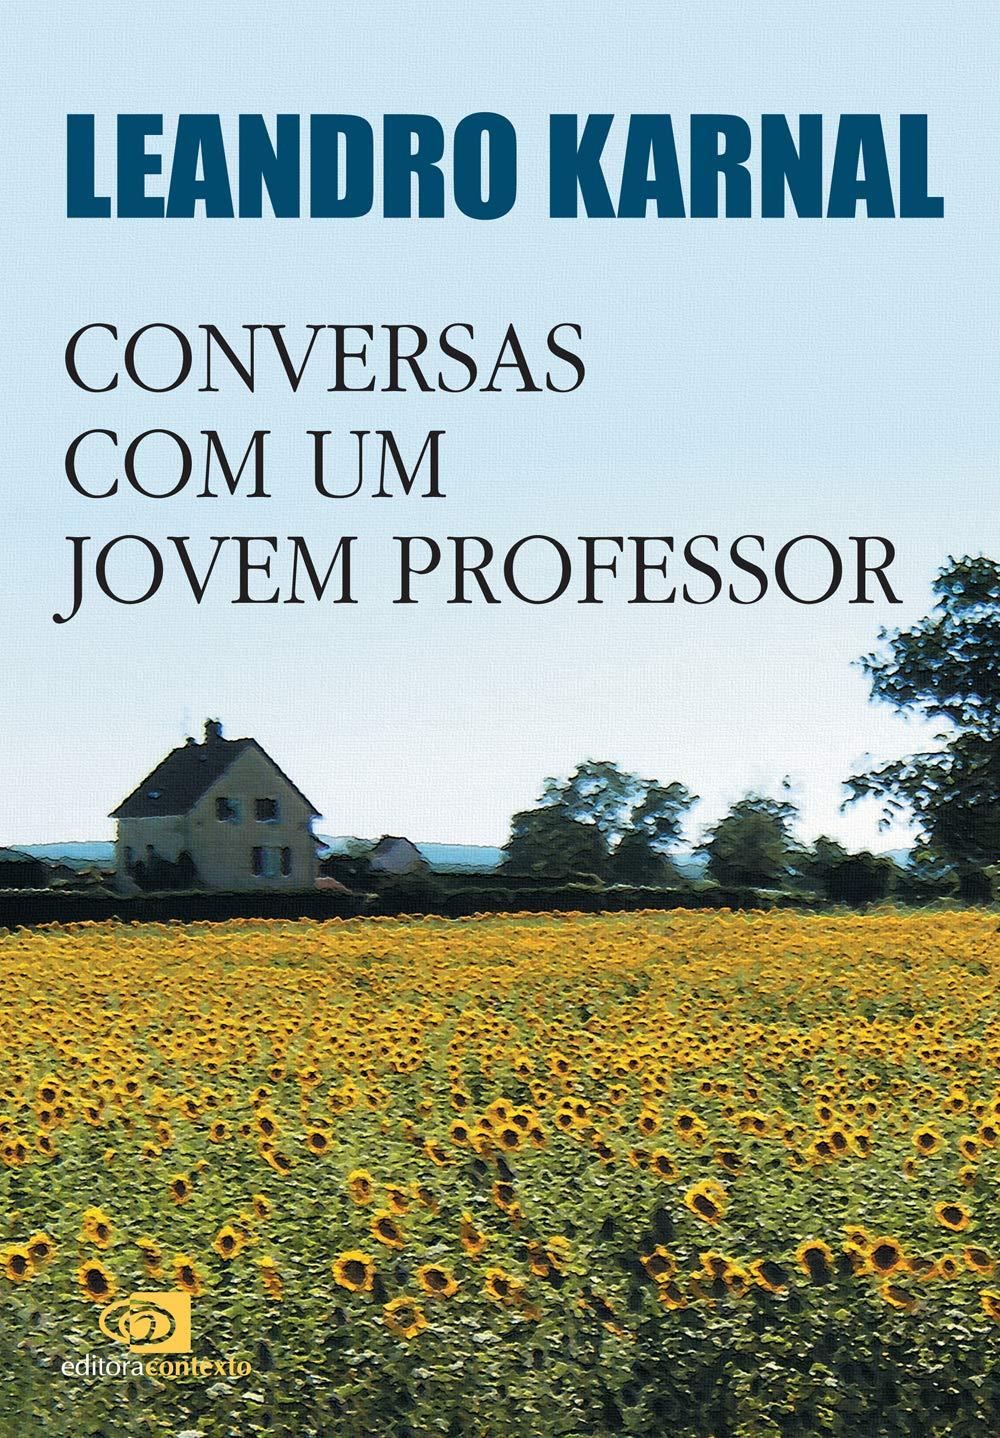 Livro 'Conversas com um jovem professor' de Leandro Karnal